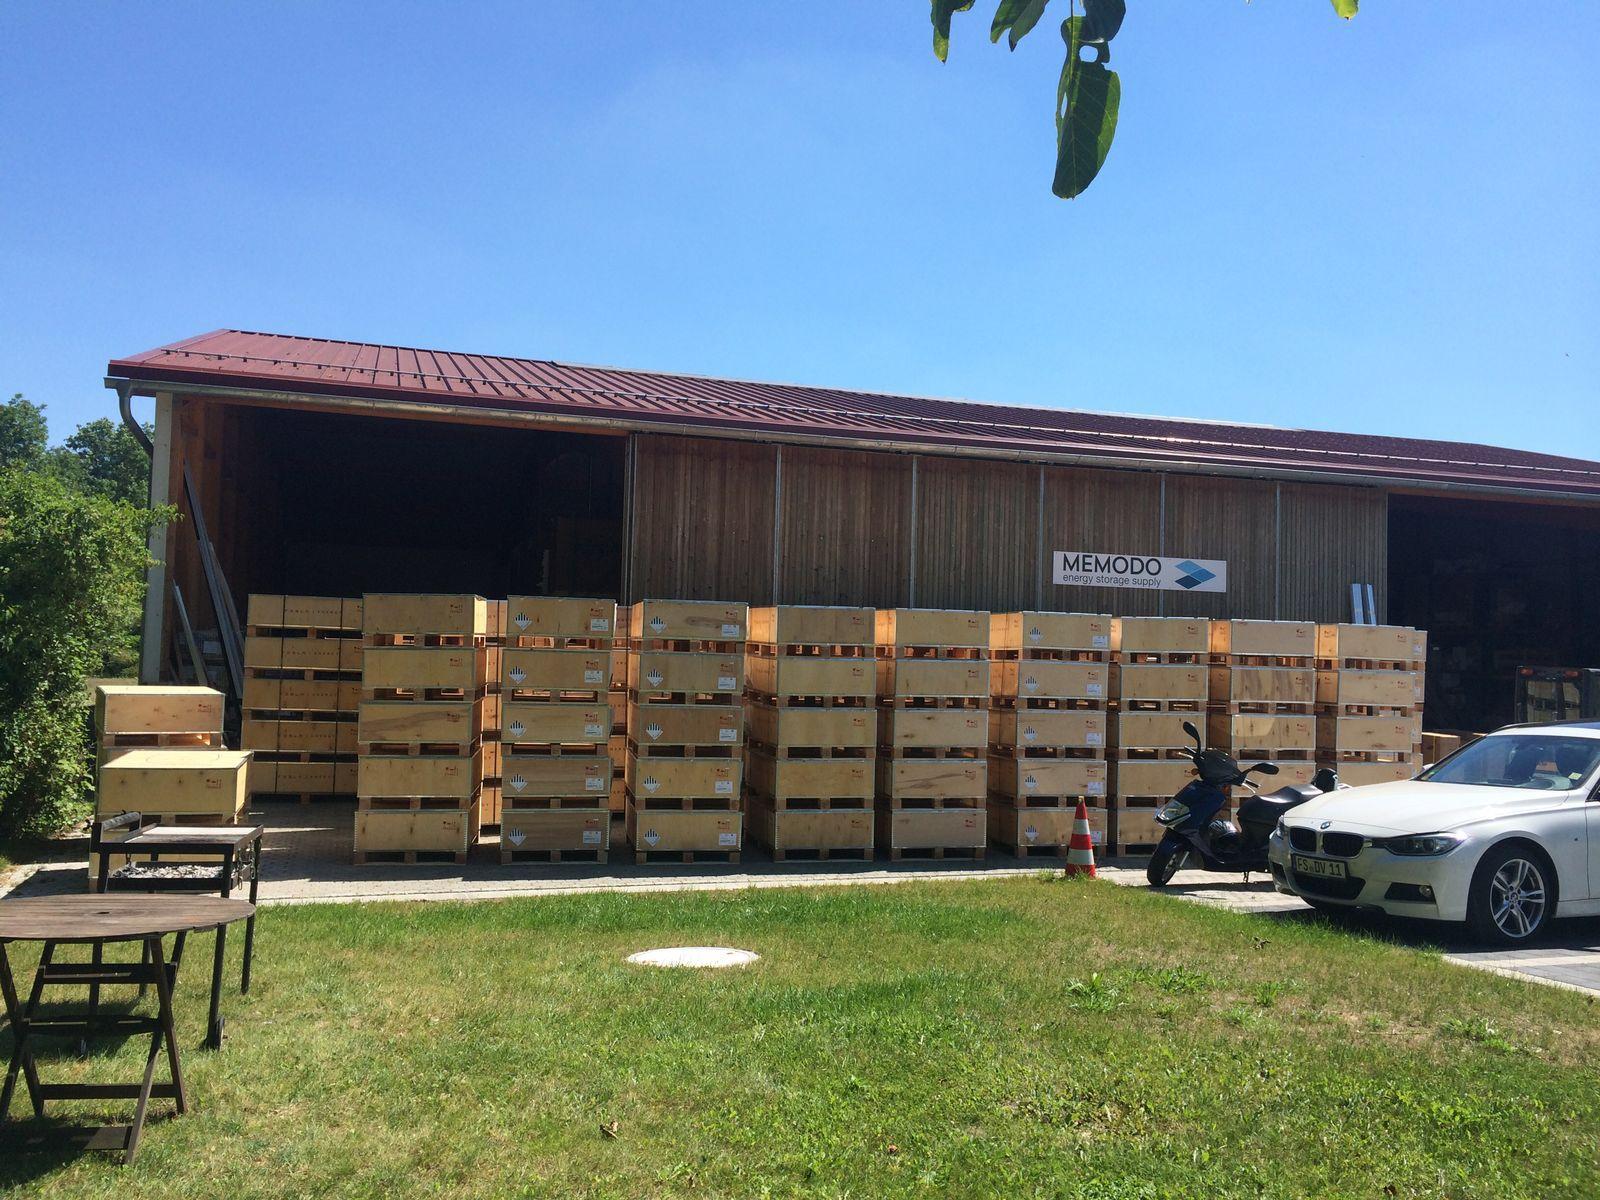 Memodo large Powerwall shipment 2